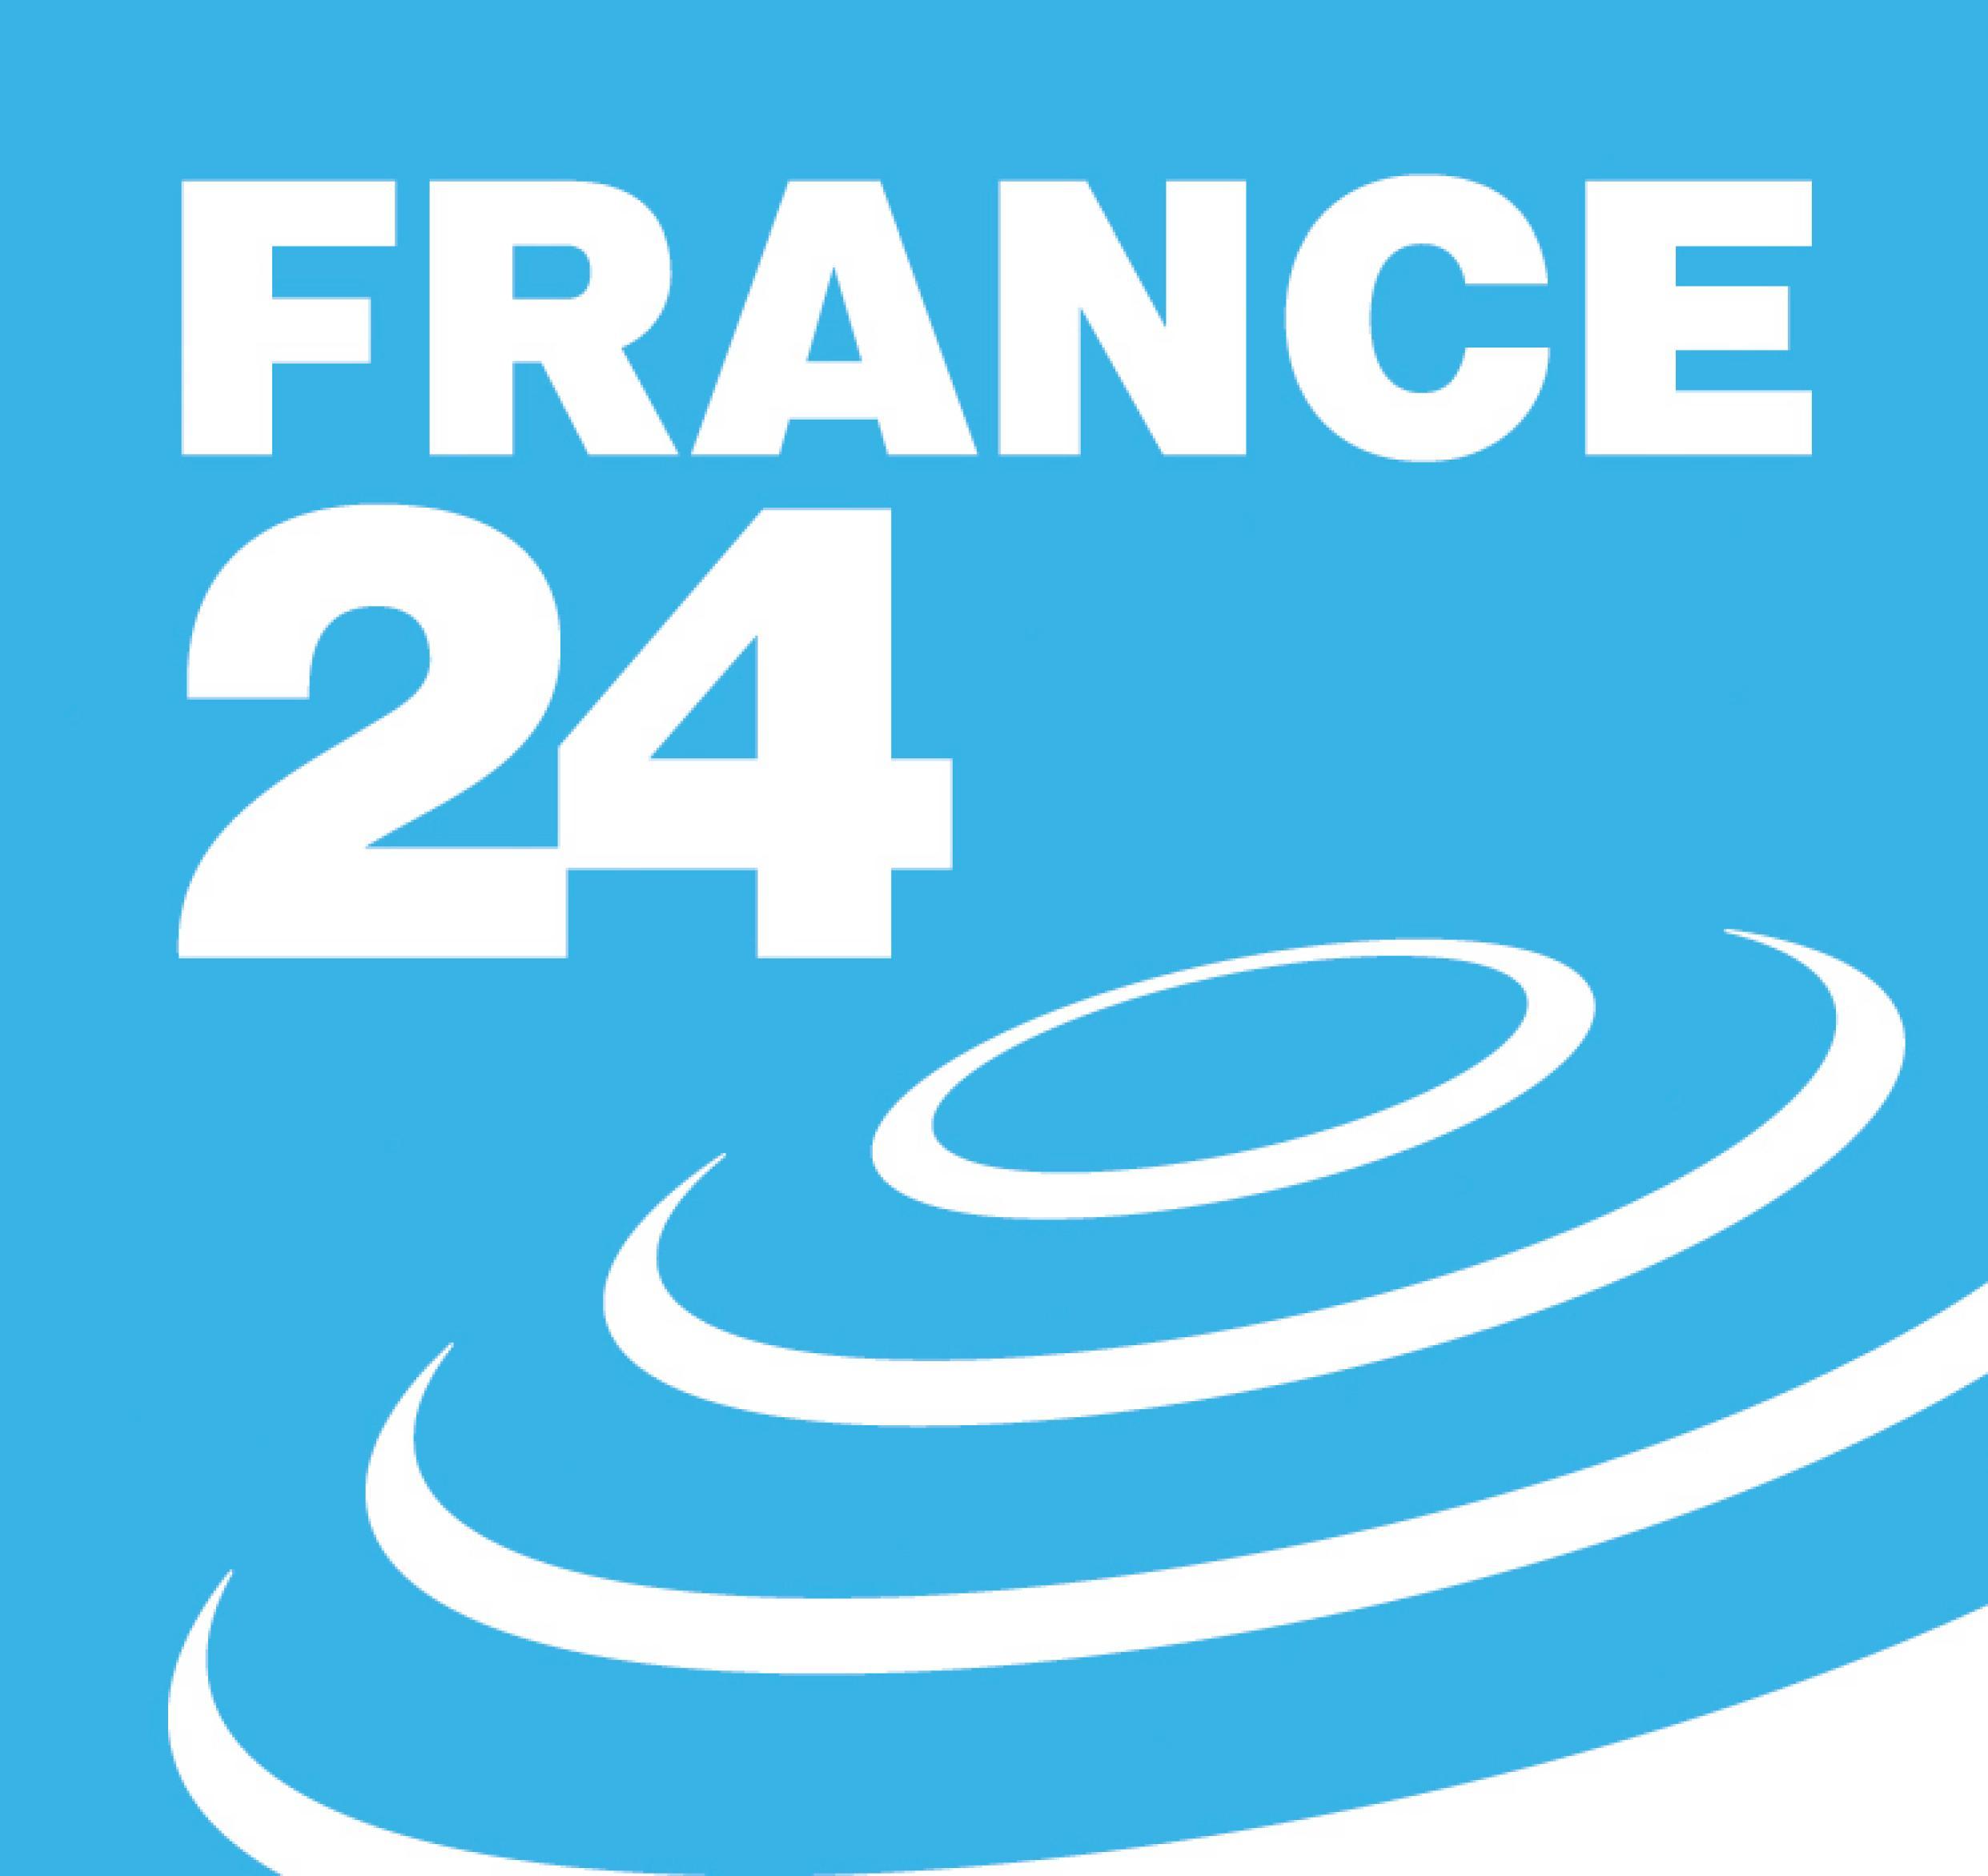 France 24 Logo png